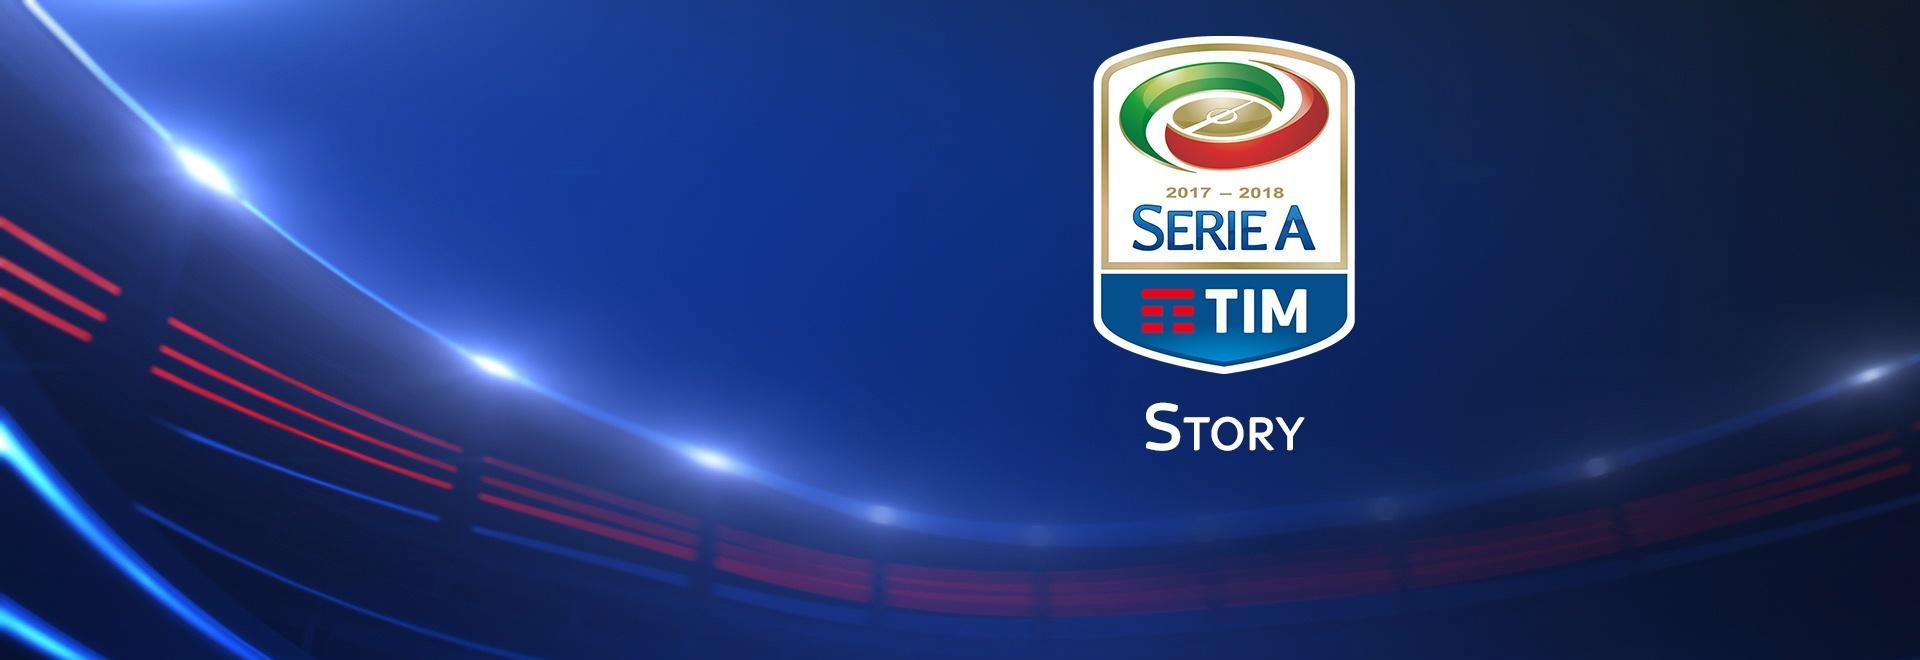 Milan - Juventus 25/02/12